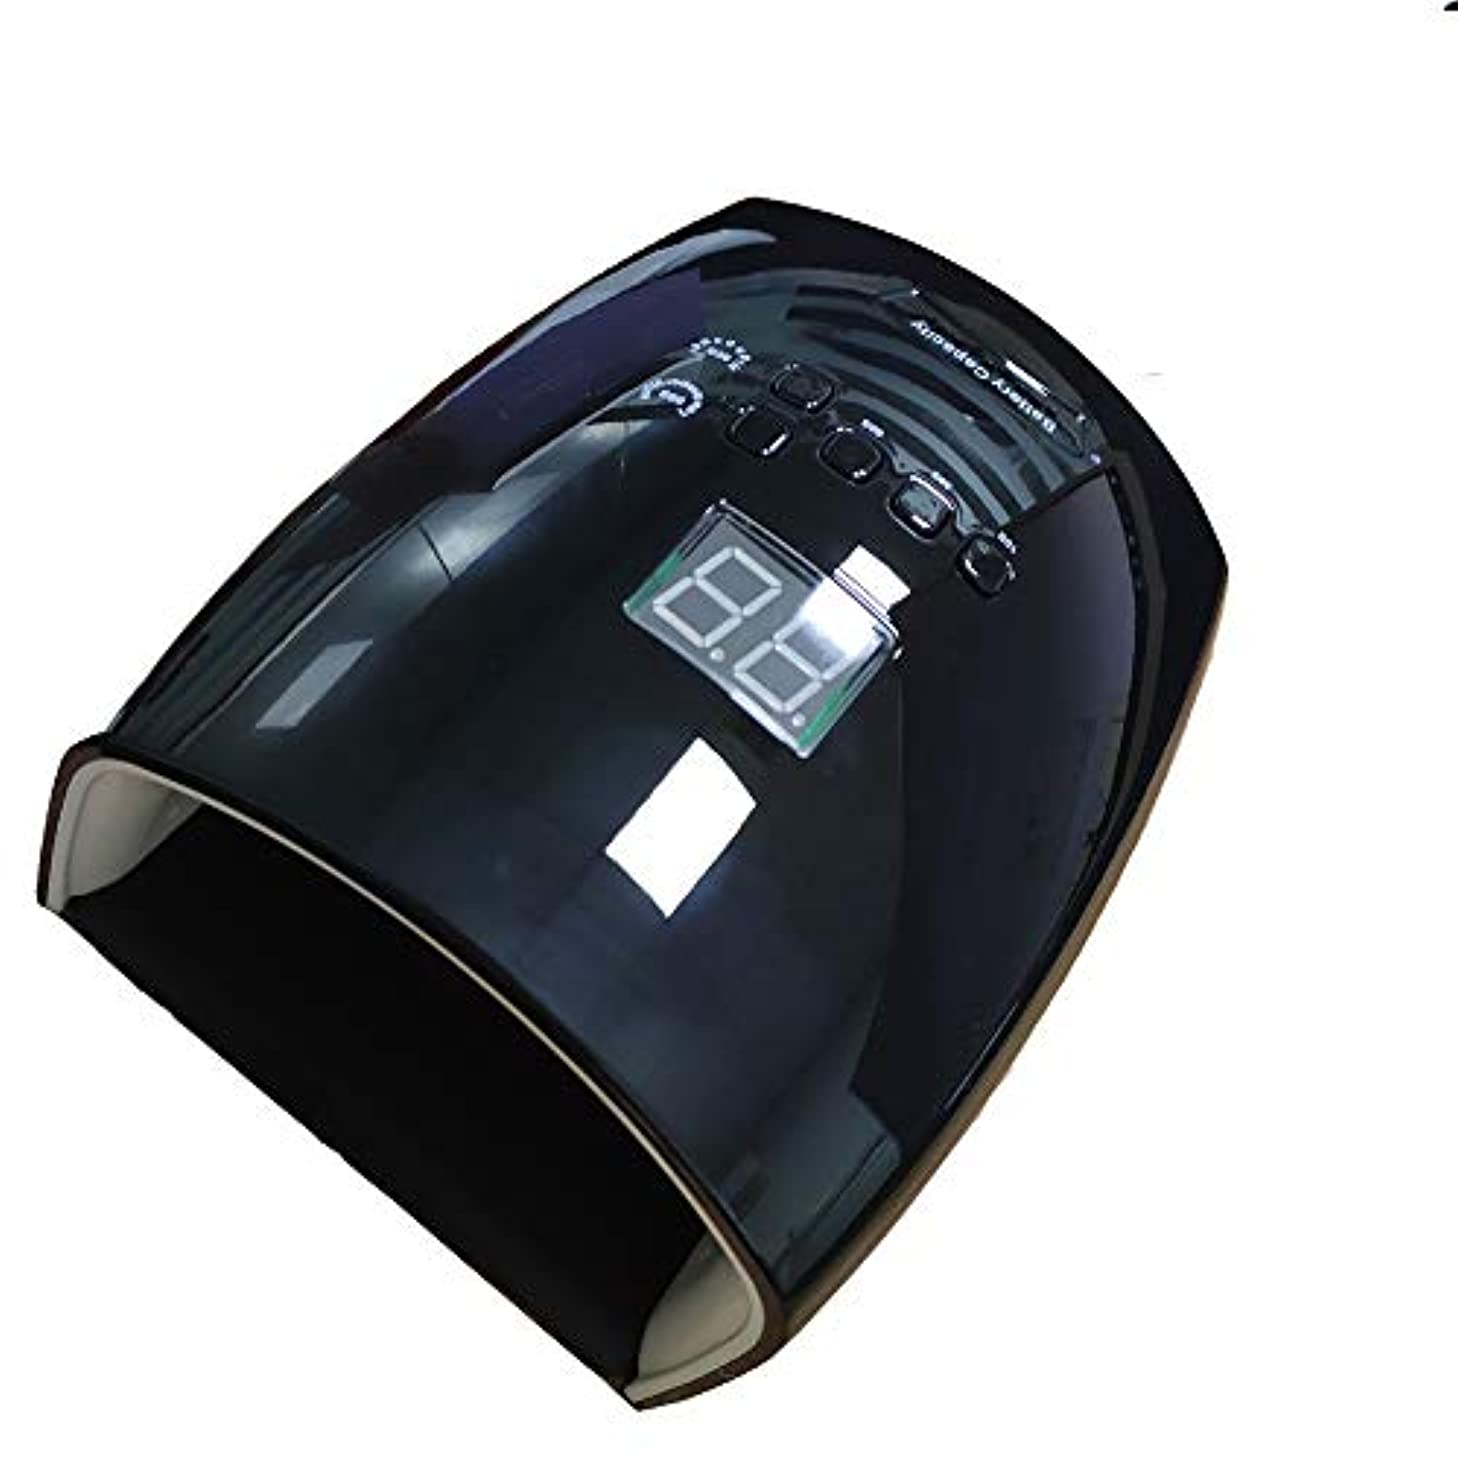 シーケンスシプリーほこりLEDネイルマシン、インテリジェント赤外線センサー多機能ネイル硬化機プロの美容ネイルポリッシャー、取り外し可能な高速乾燥ジェルマシン